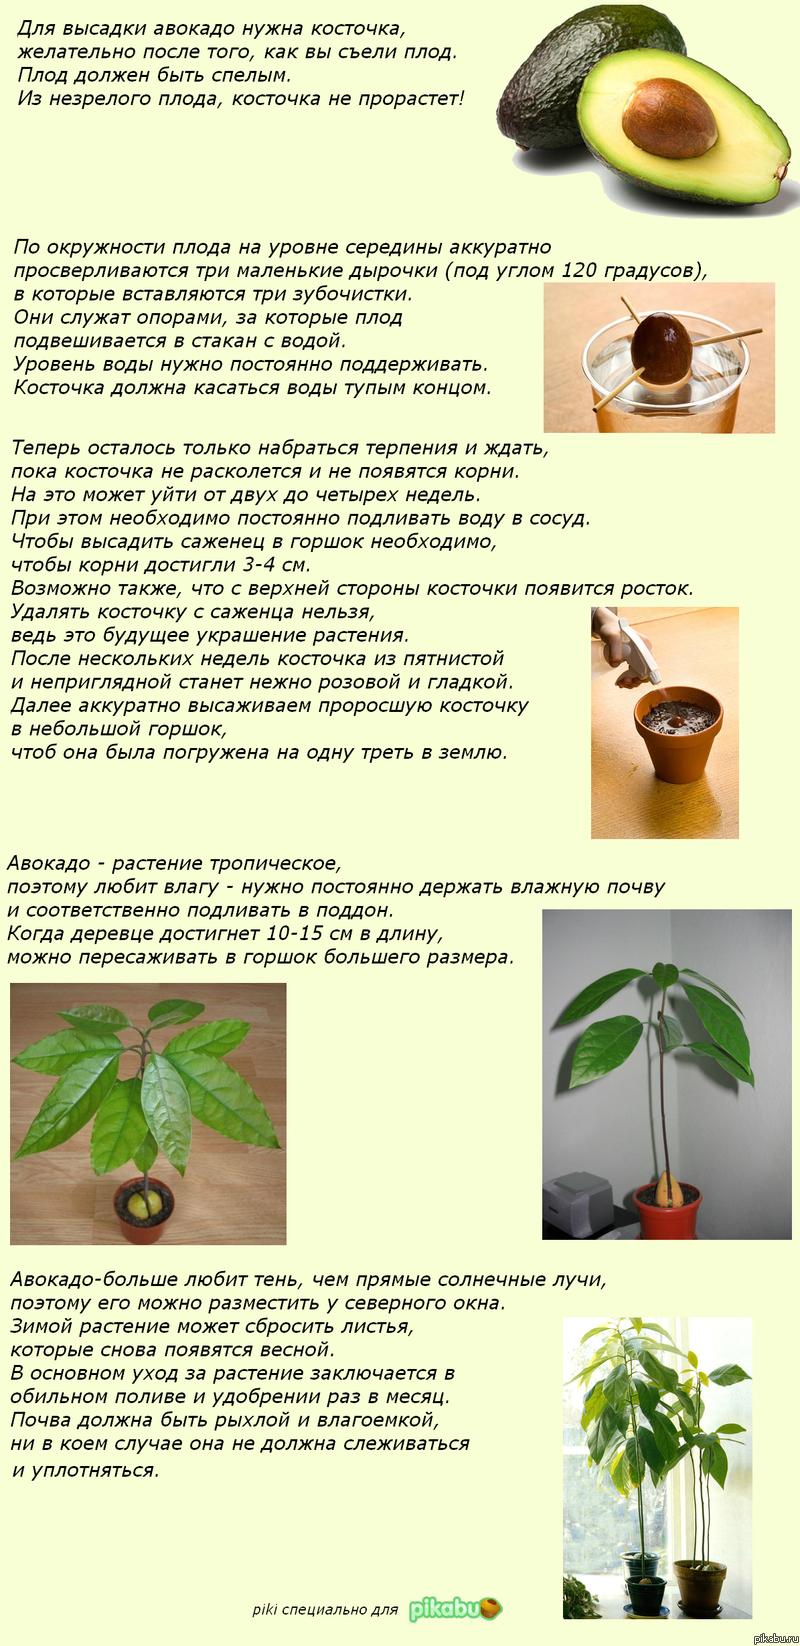 Как вырастить авокадо из косточки в домашних условиях 0zn